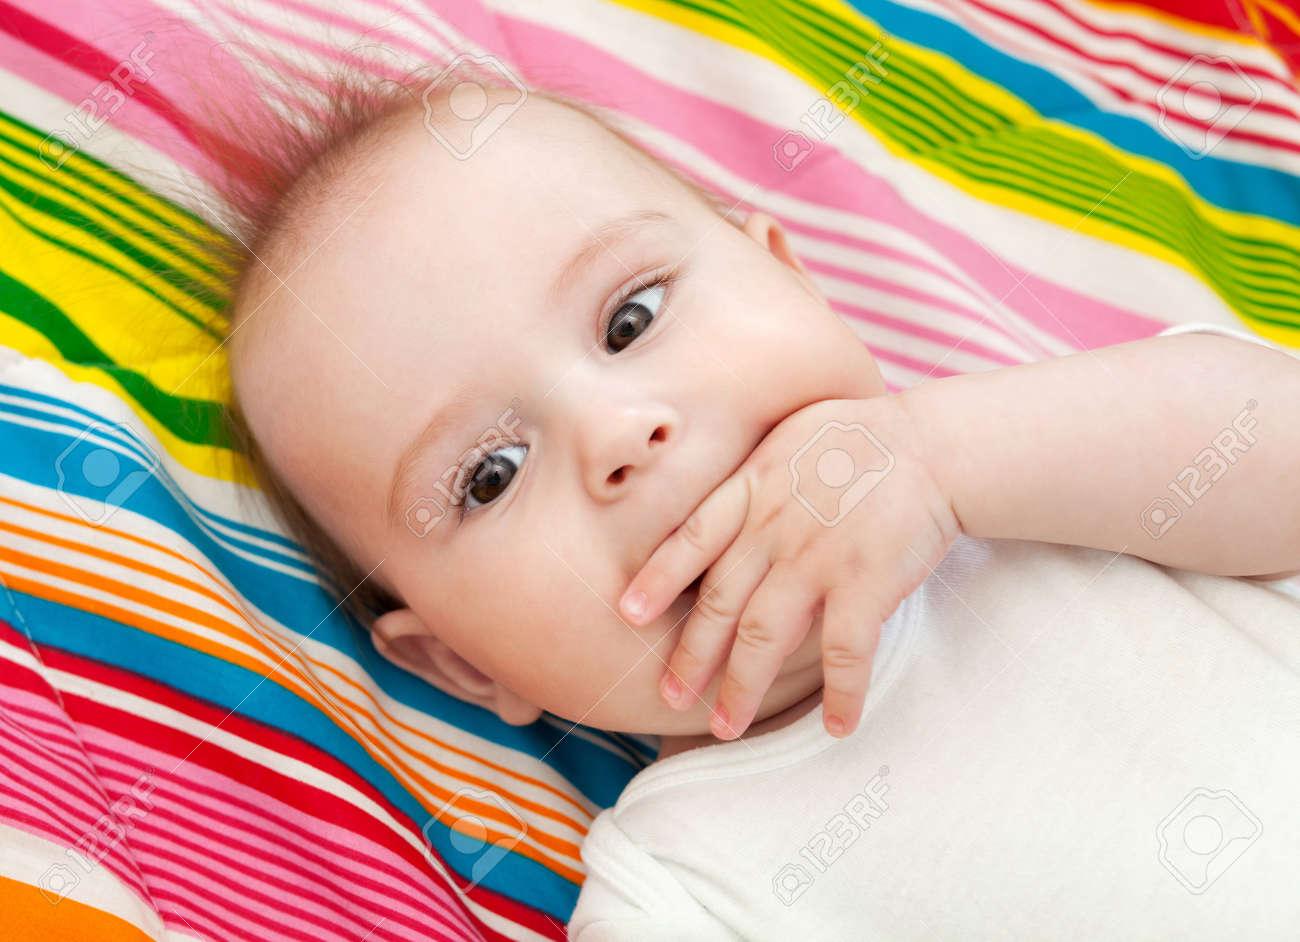 Retrato De Un Hermoso Bebé De 6 Meses Acostado En La Cama Y Chuparse ...